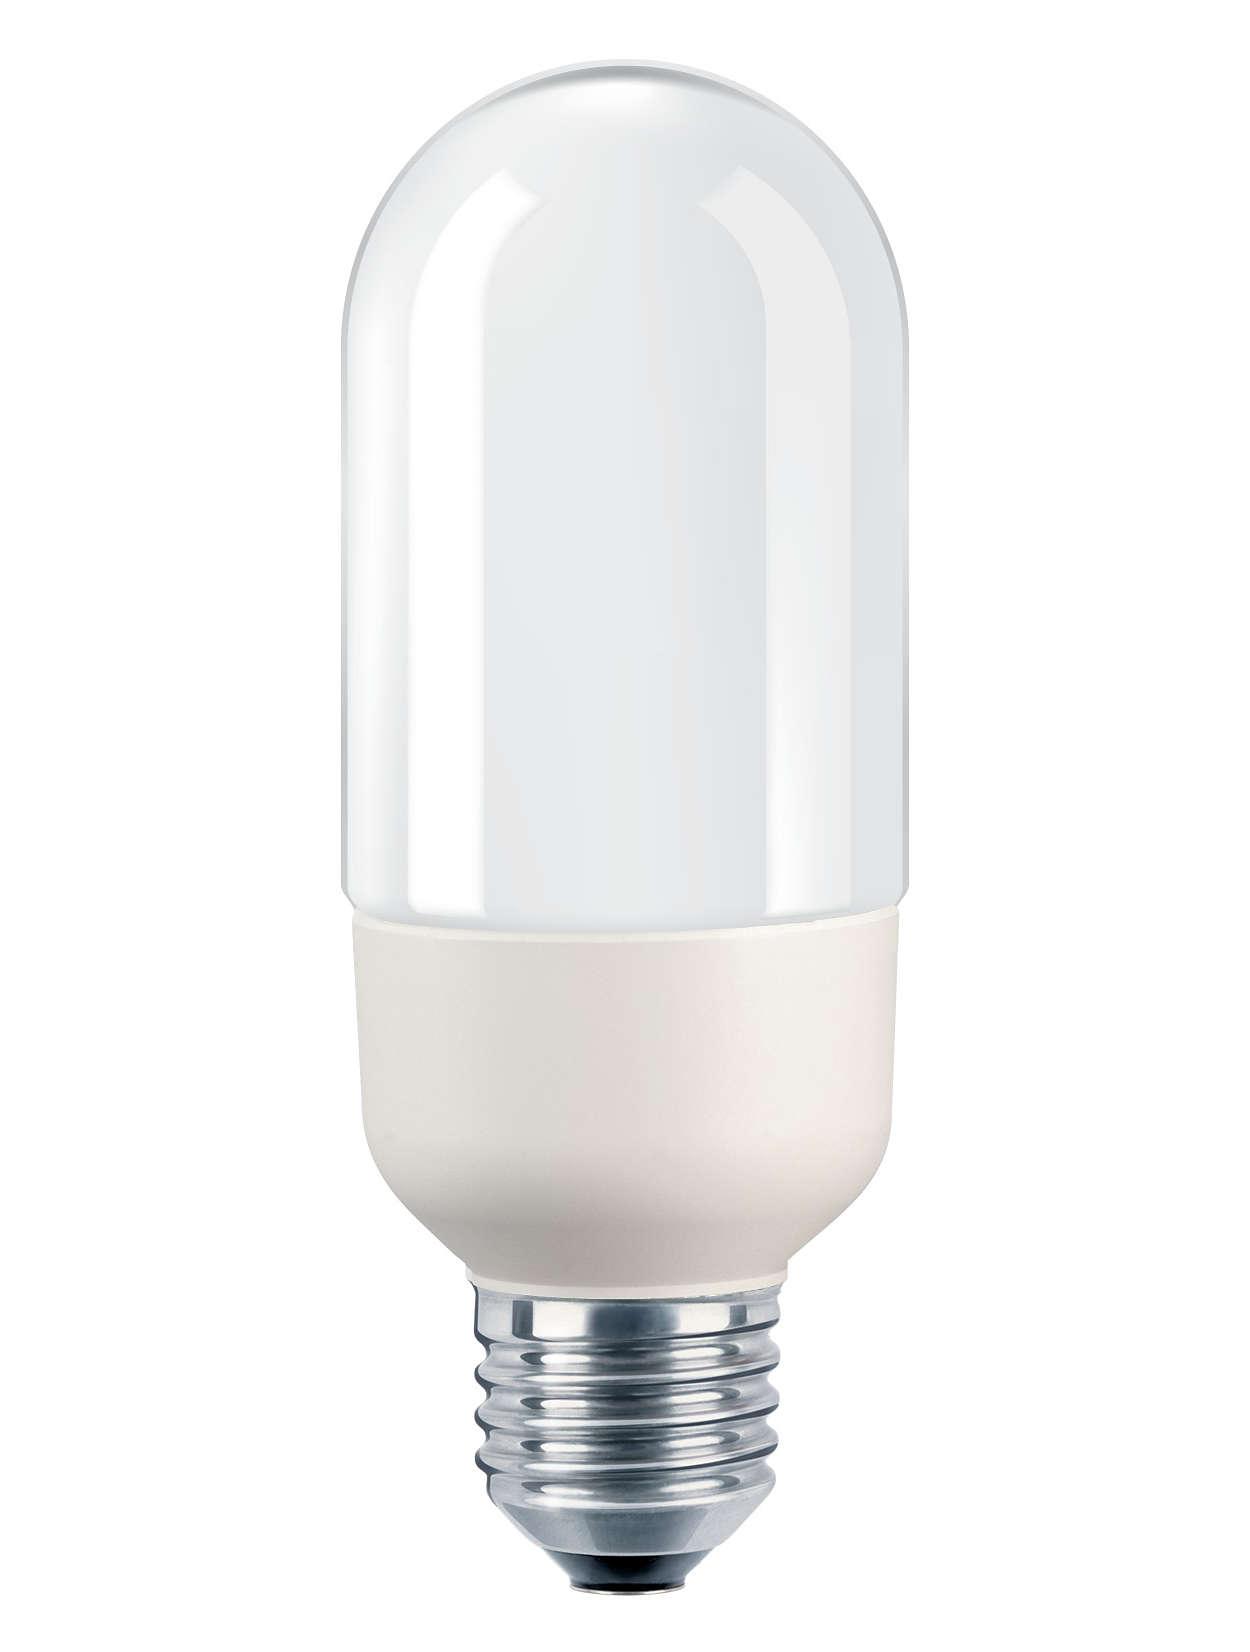 Kültéri világítás, amely hozzájárul életminőségéhez